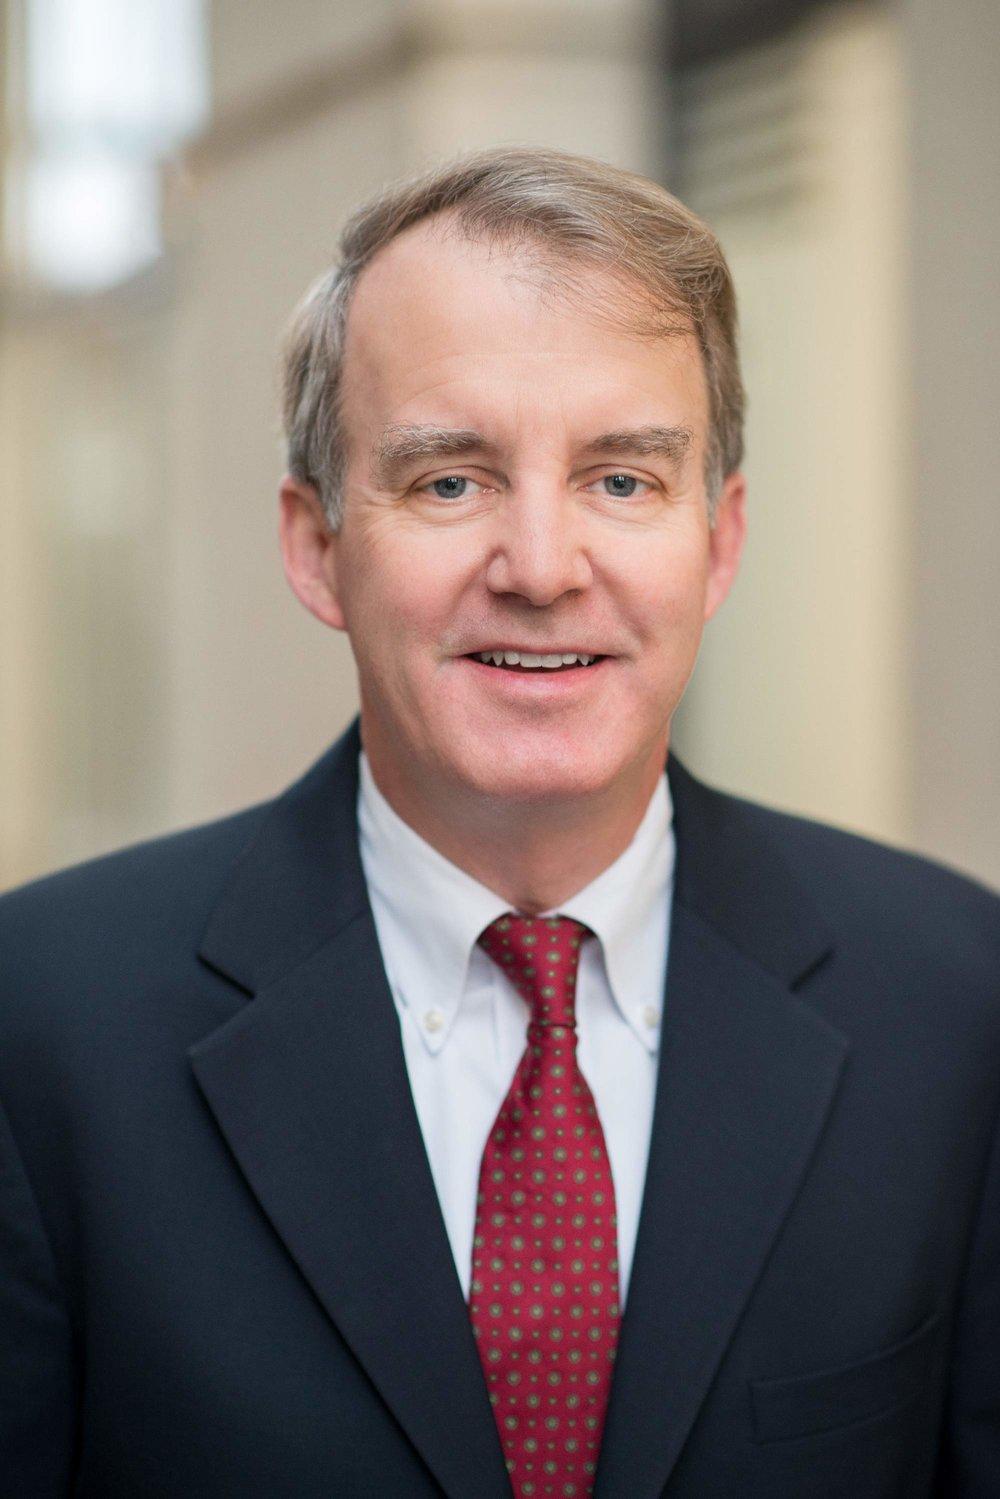 John L. Kee, III